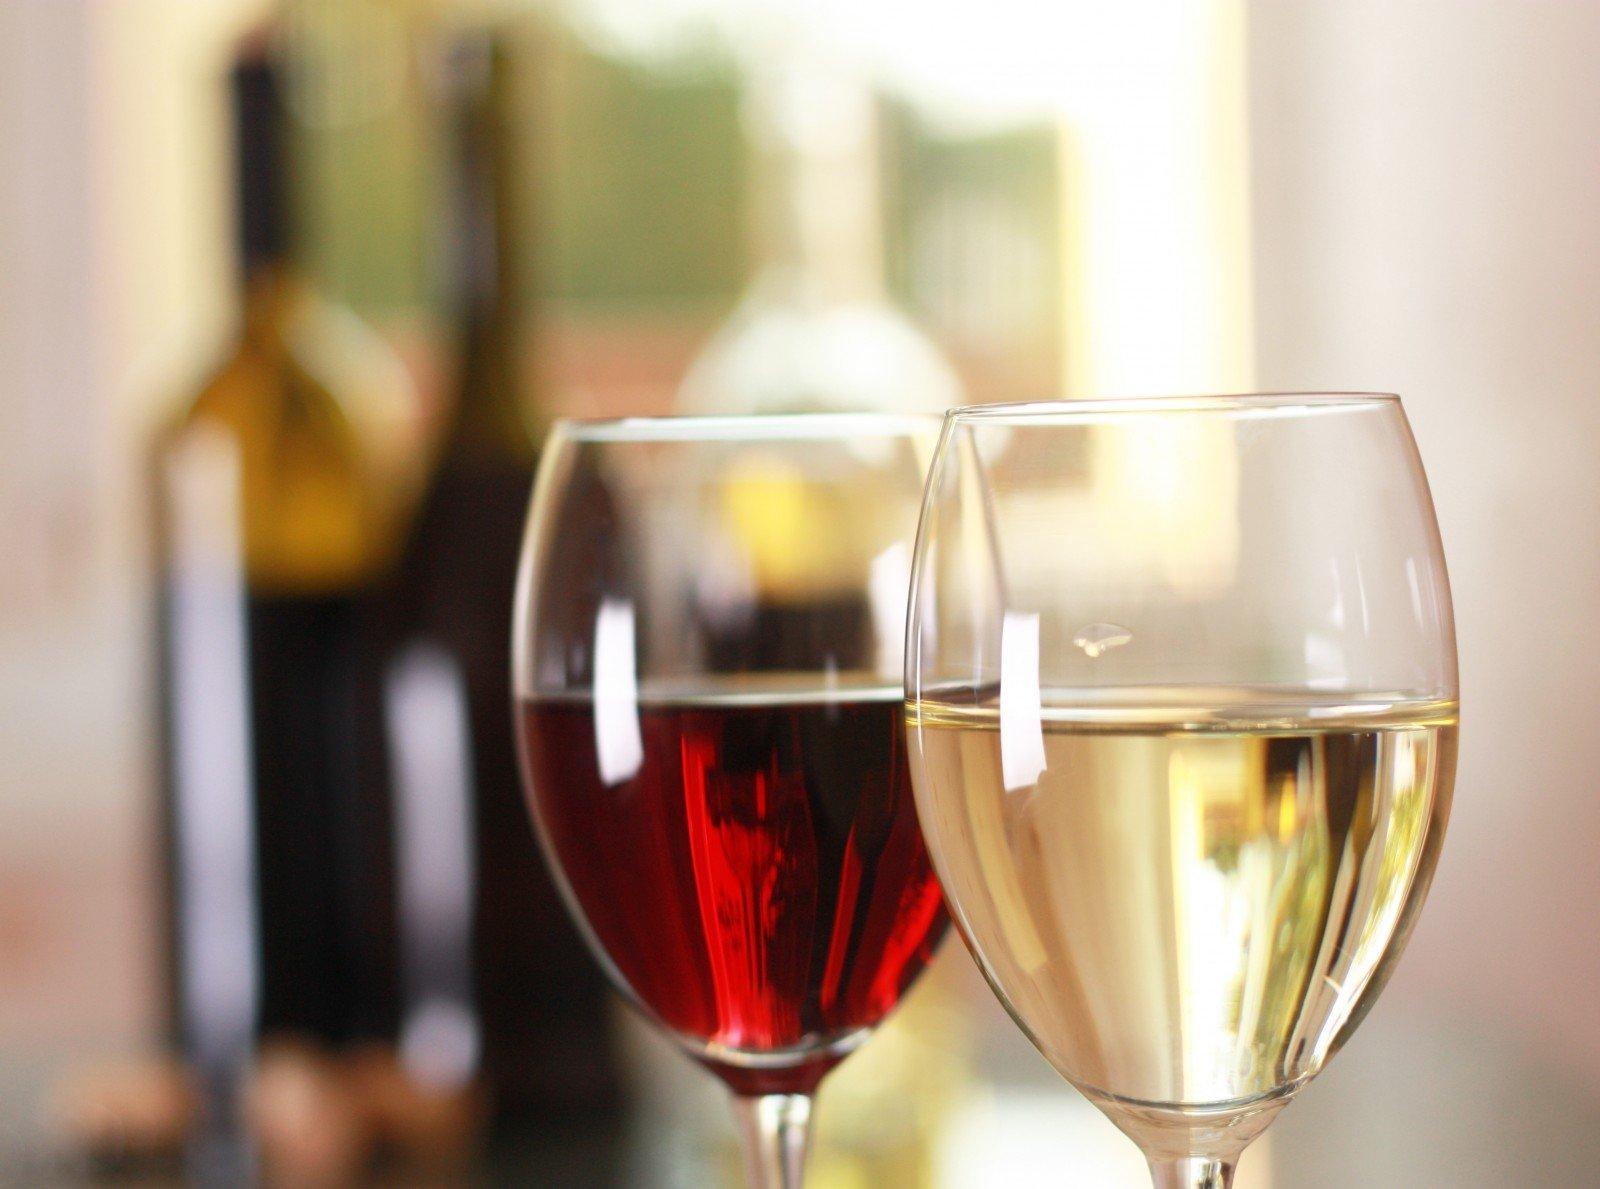 širdies sveikatos raudonojo vyno nauda ir šalutinis sumažėja hipertenzija